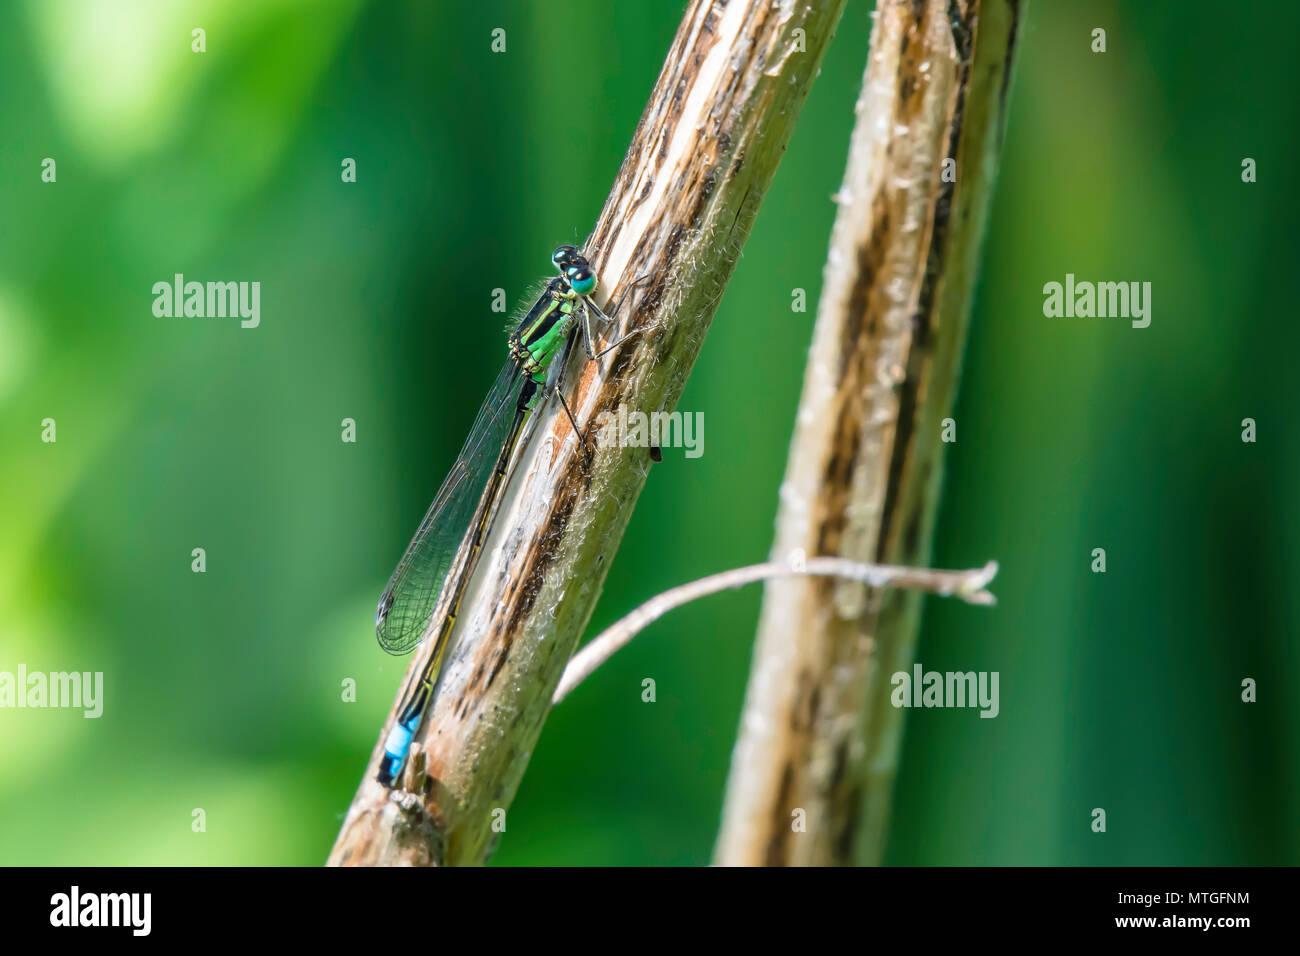 Emerald damselfly sitzen auf dem Trockenen Zweig in der Nähe von Westport See, Stoke-on-Trent, Großbritannien. Frühjahr 2018. Natürliche Welt Erhaltung. Natur Uk. Wildlife Uk. britischen Insekt. Stockfoto